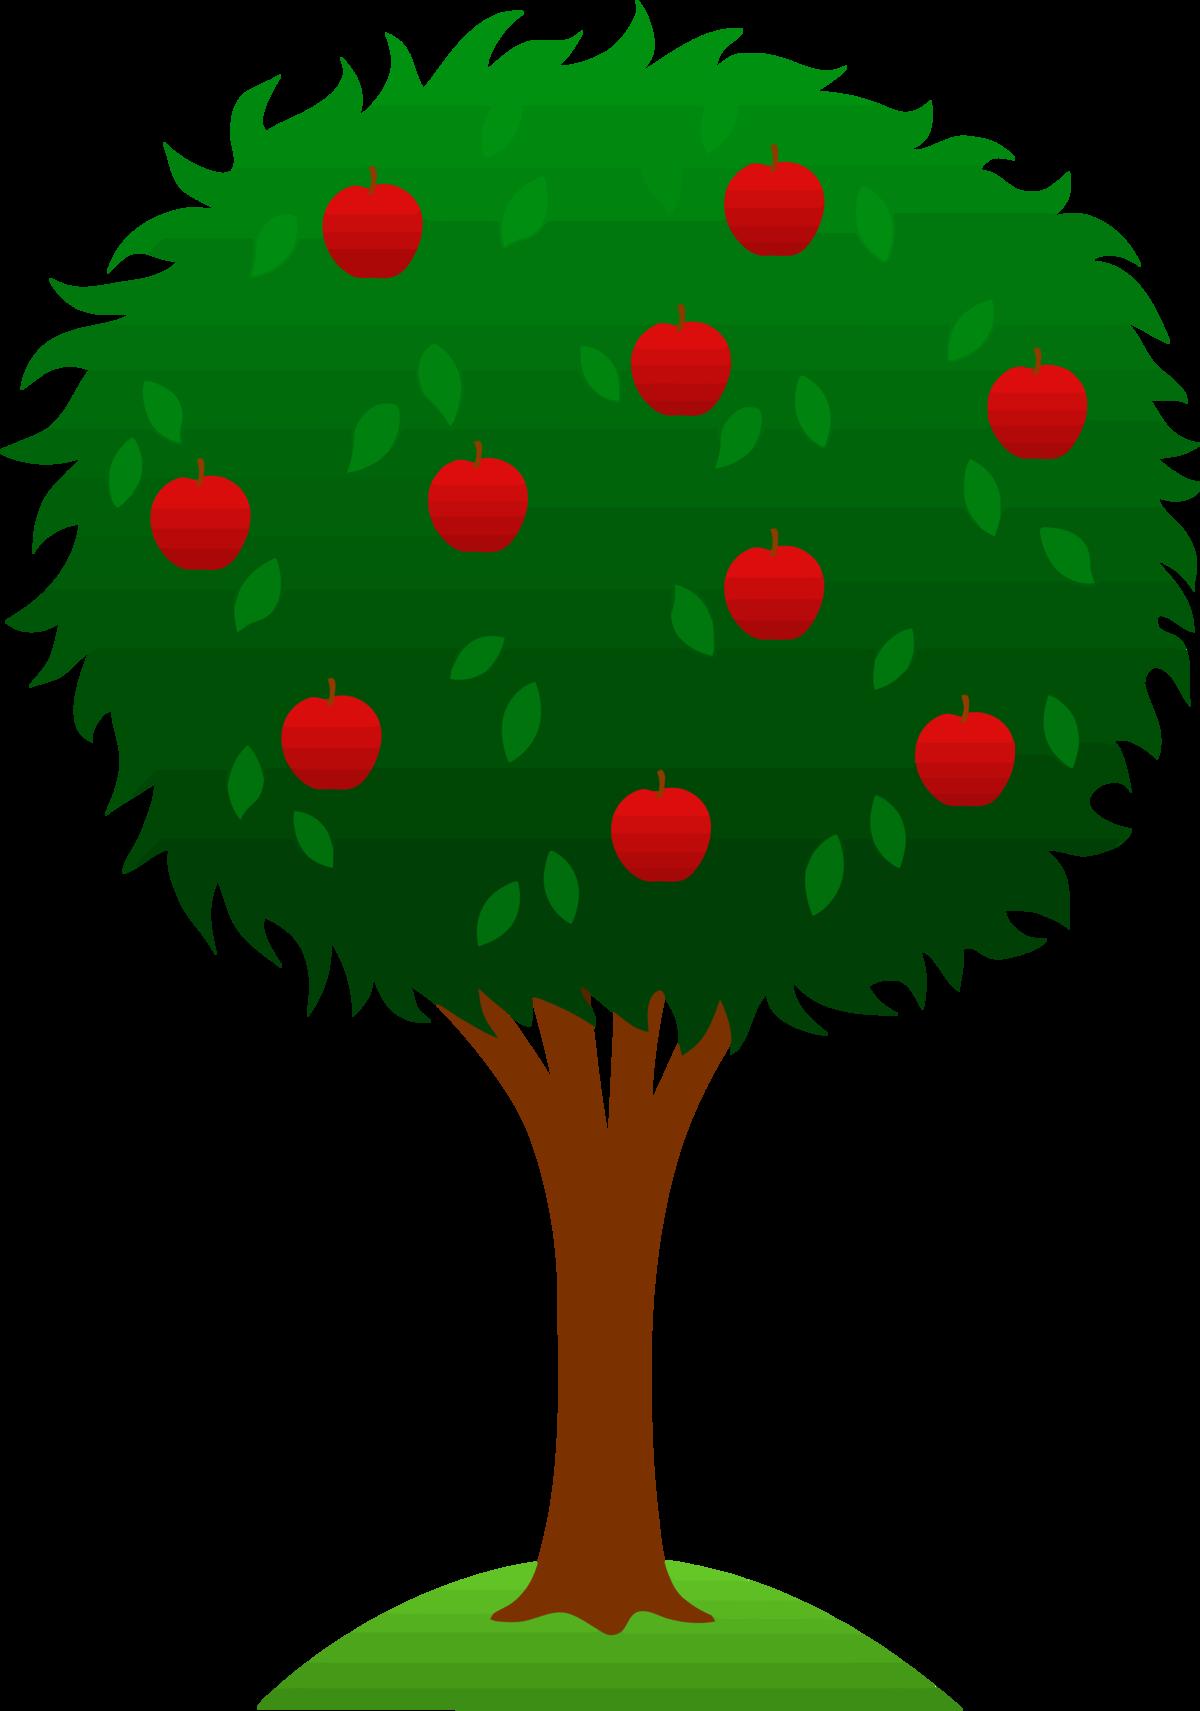 Картинки для детей дерева яблони